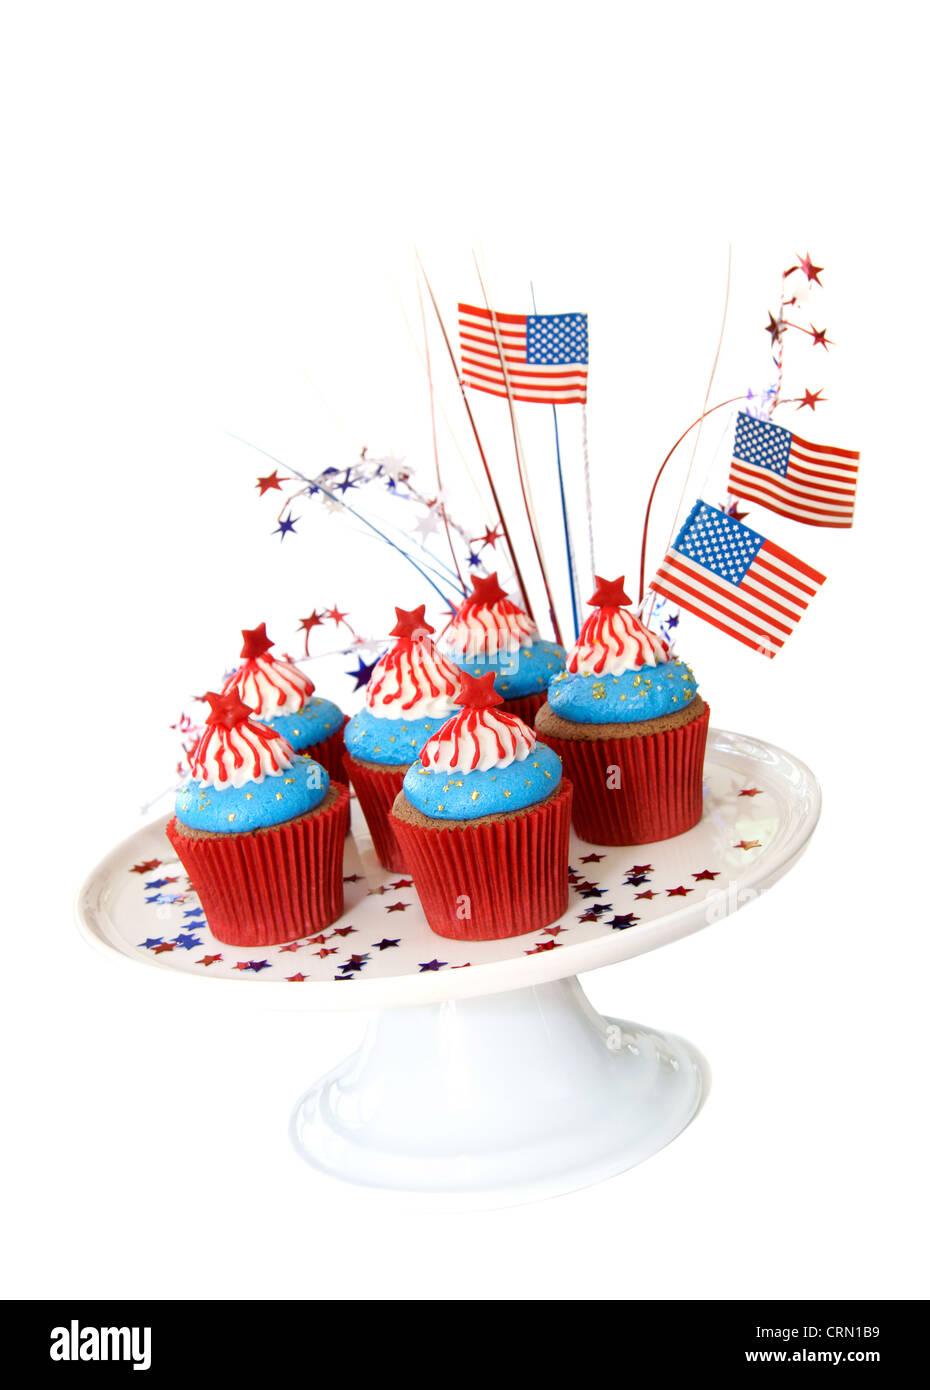 Cupcakes avec thème patriotique américain pour 4e de juillet, fête et d'autres événements en Amérique. Banque D'Images